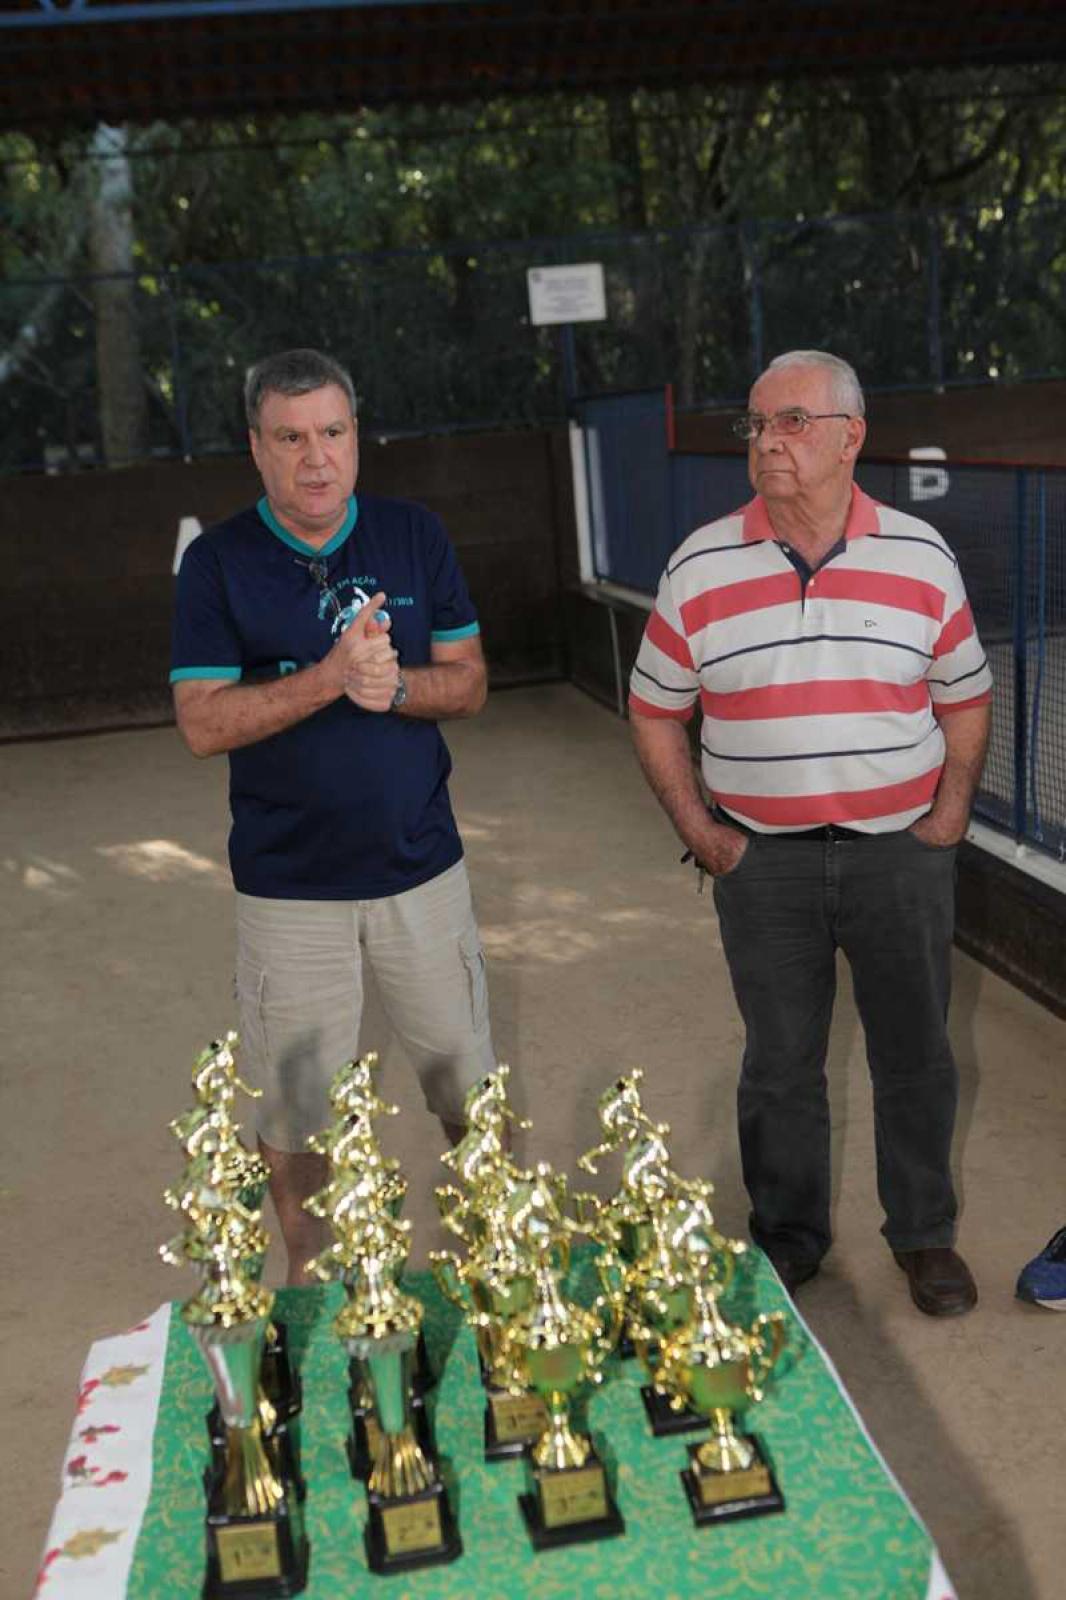 Projeto Verão 2019 - Torneio de Bocha